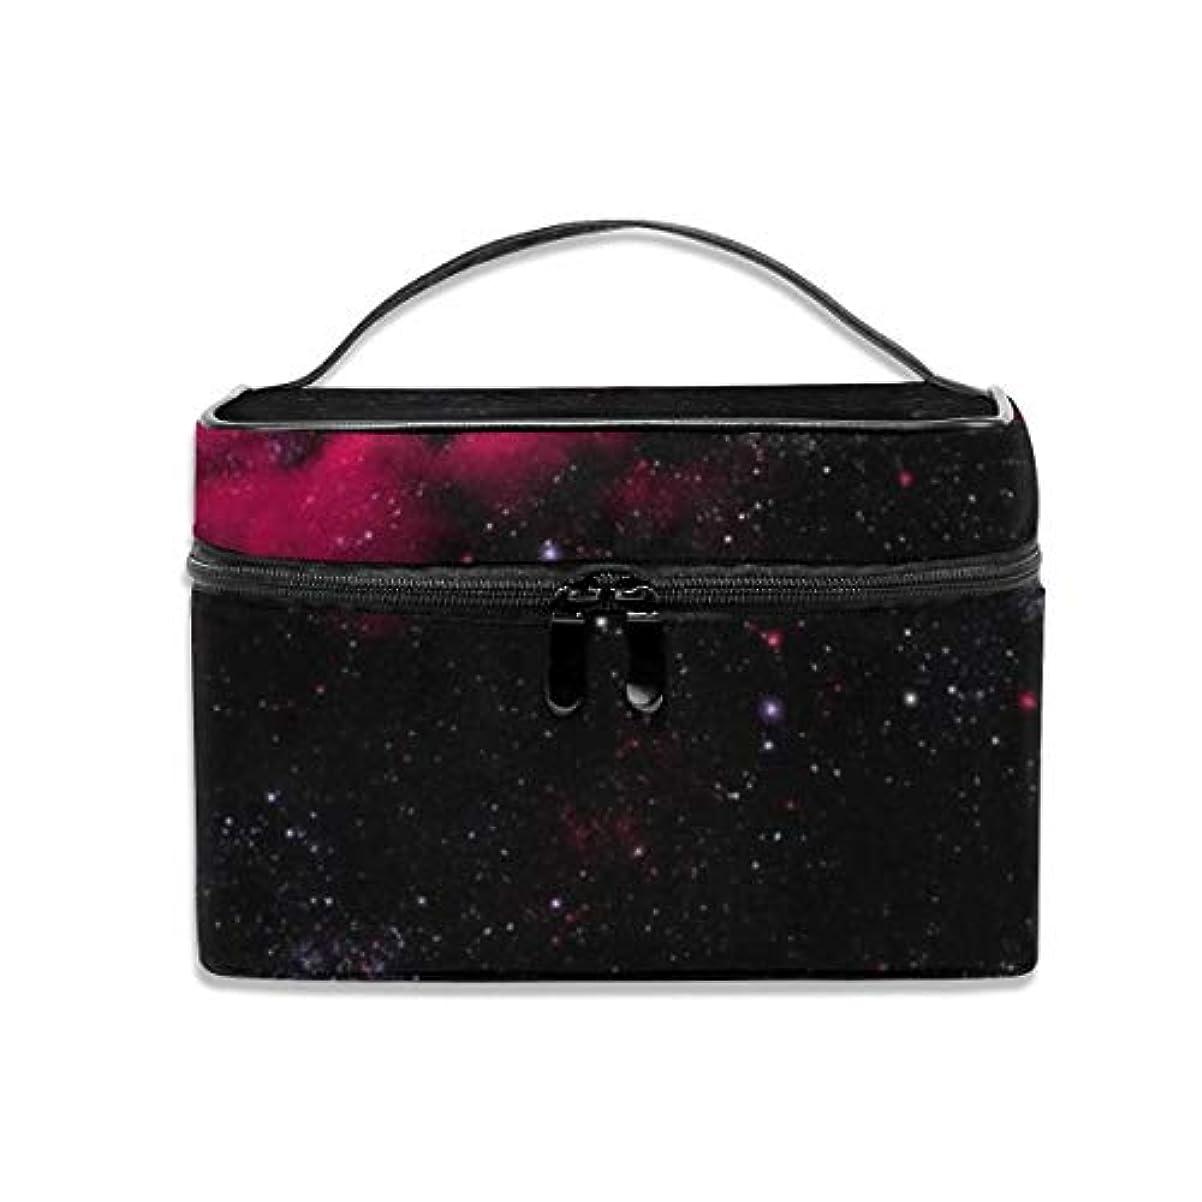 よろしくサラミ時期尚早ブラックホール化粧バッグポータブル旅行化粧品袋オーガナイザージッパートイレタリーバッグ用女性